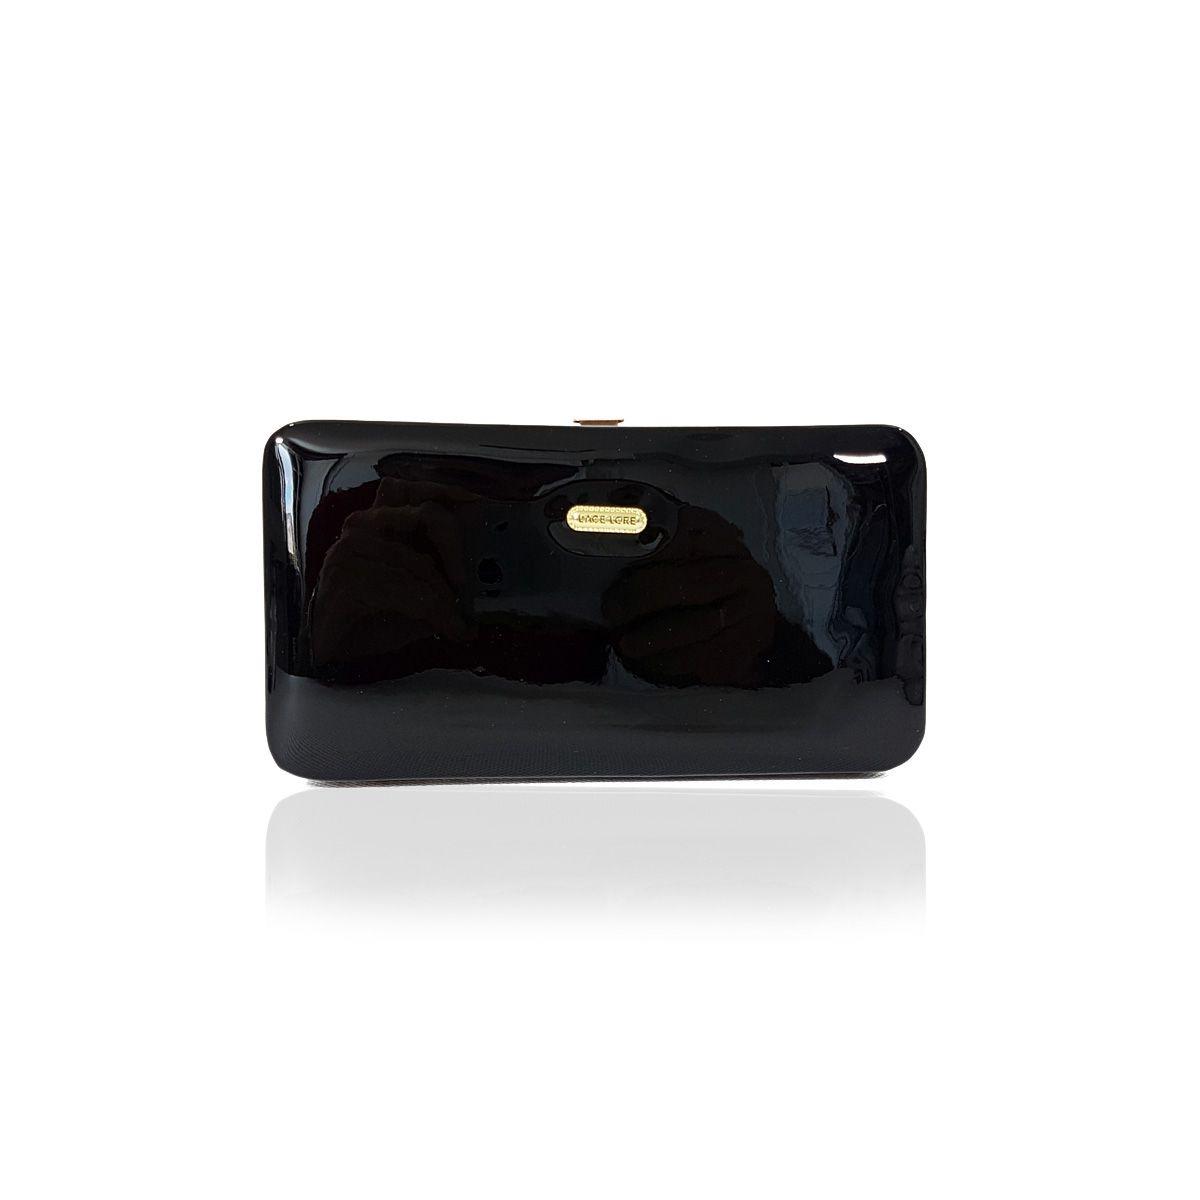 1b42b6db24 Carteira Feminina Clutch Mão Cartões Celular Verniz Ab8059 - R$ 39 ...